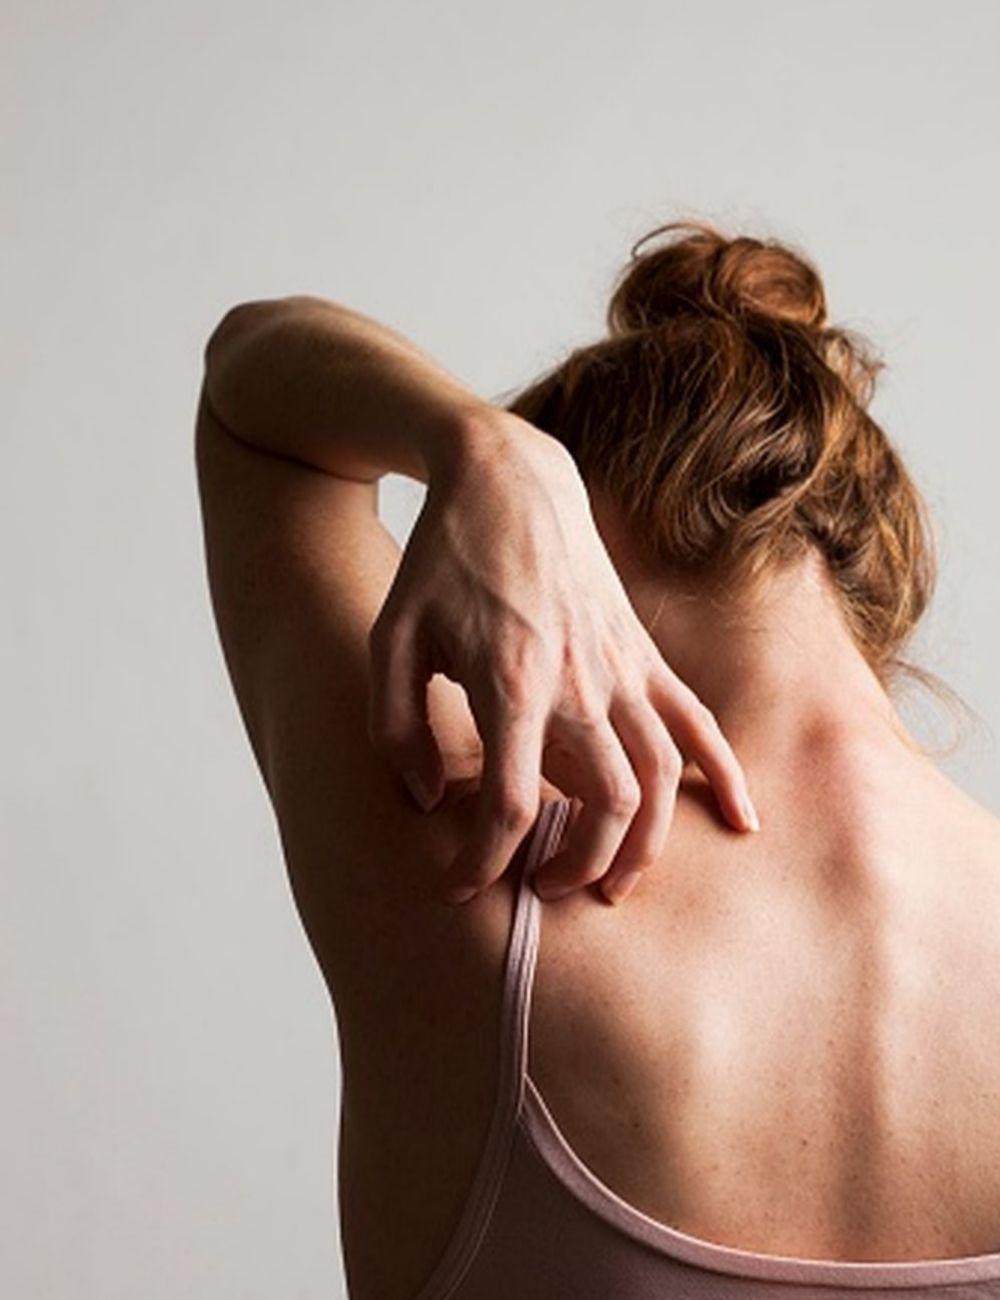 Las reacciones alérgicas a alimentos y medicamentos se manifiestan con frecuencia en la piel.